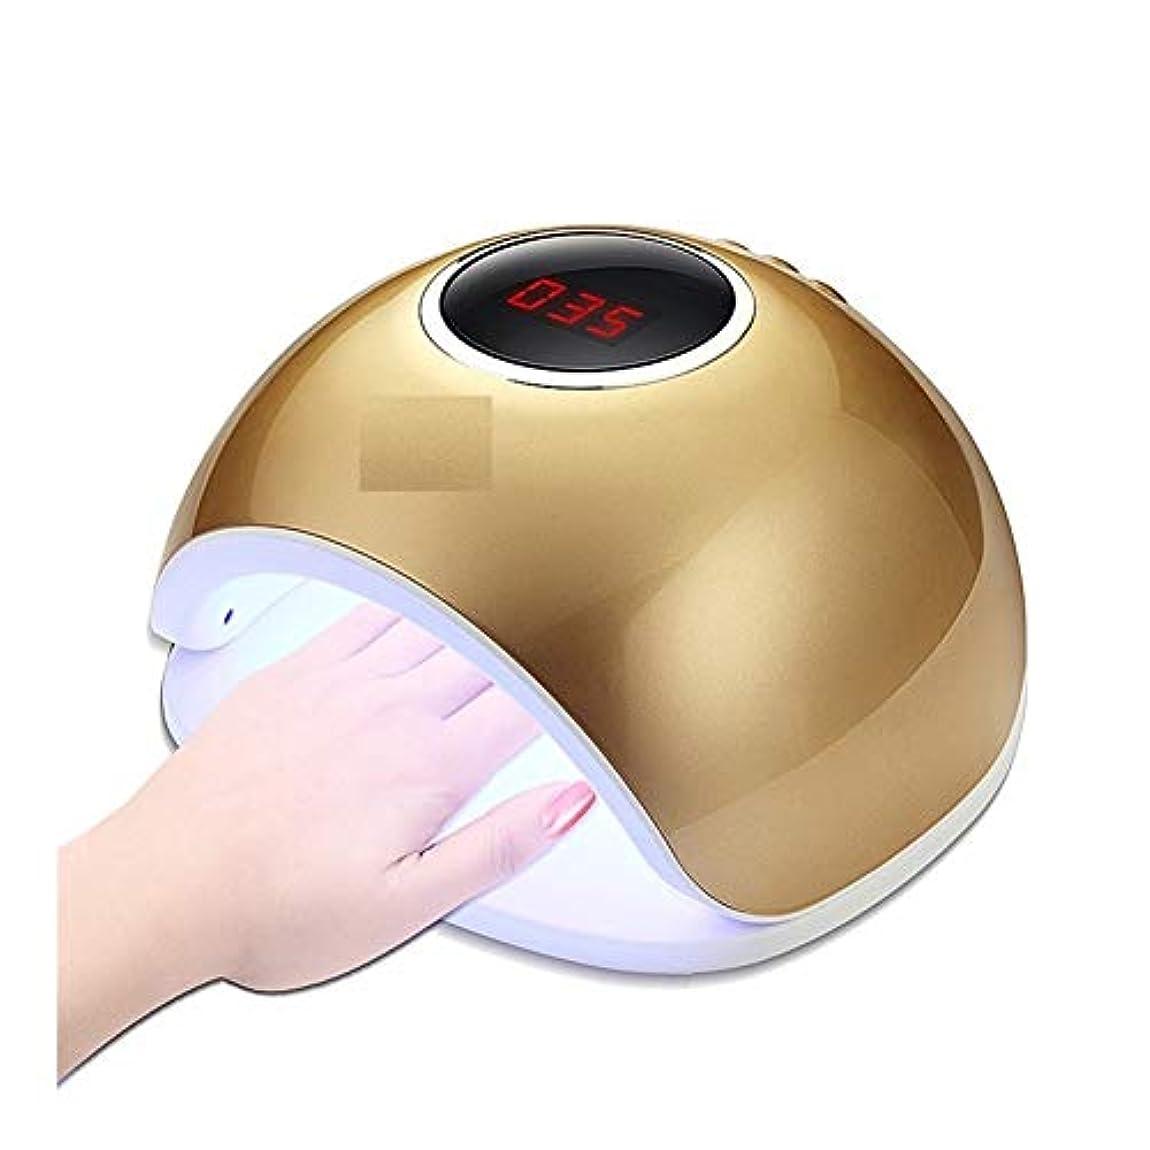 現実には操縦する任命するLittleCat 釘LEDランプライト療法機ドライヤーネイルグルーヒートランプ72W速乾性モードインテリジェントセンサー無痛 (色 : 72w gold European regulations)